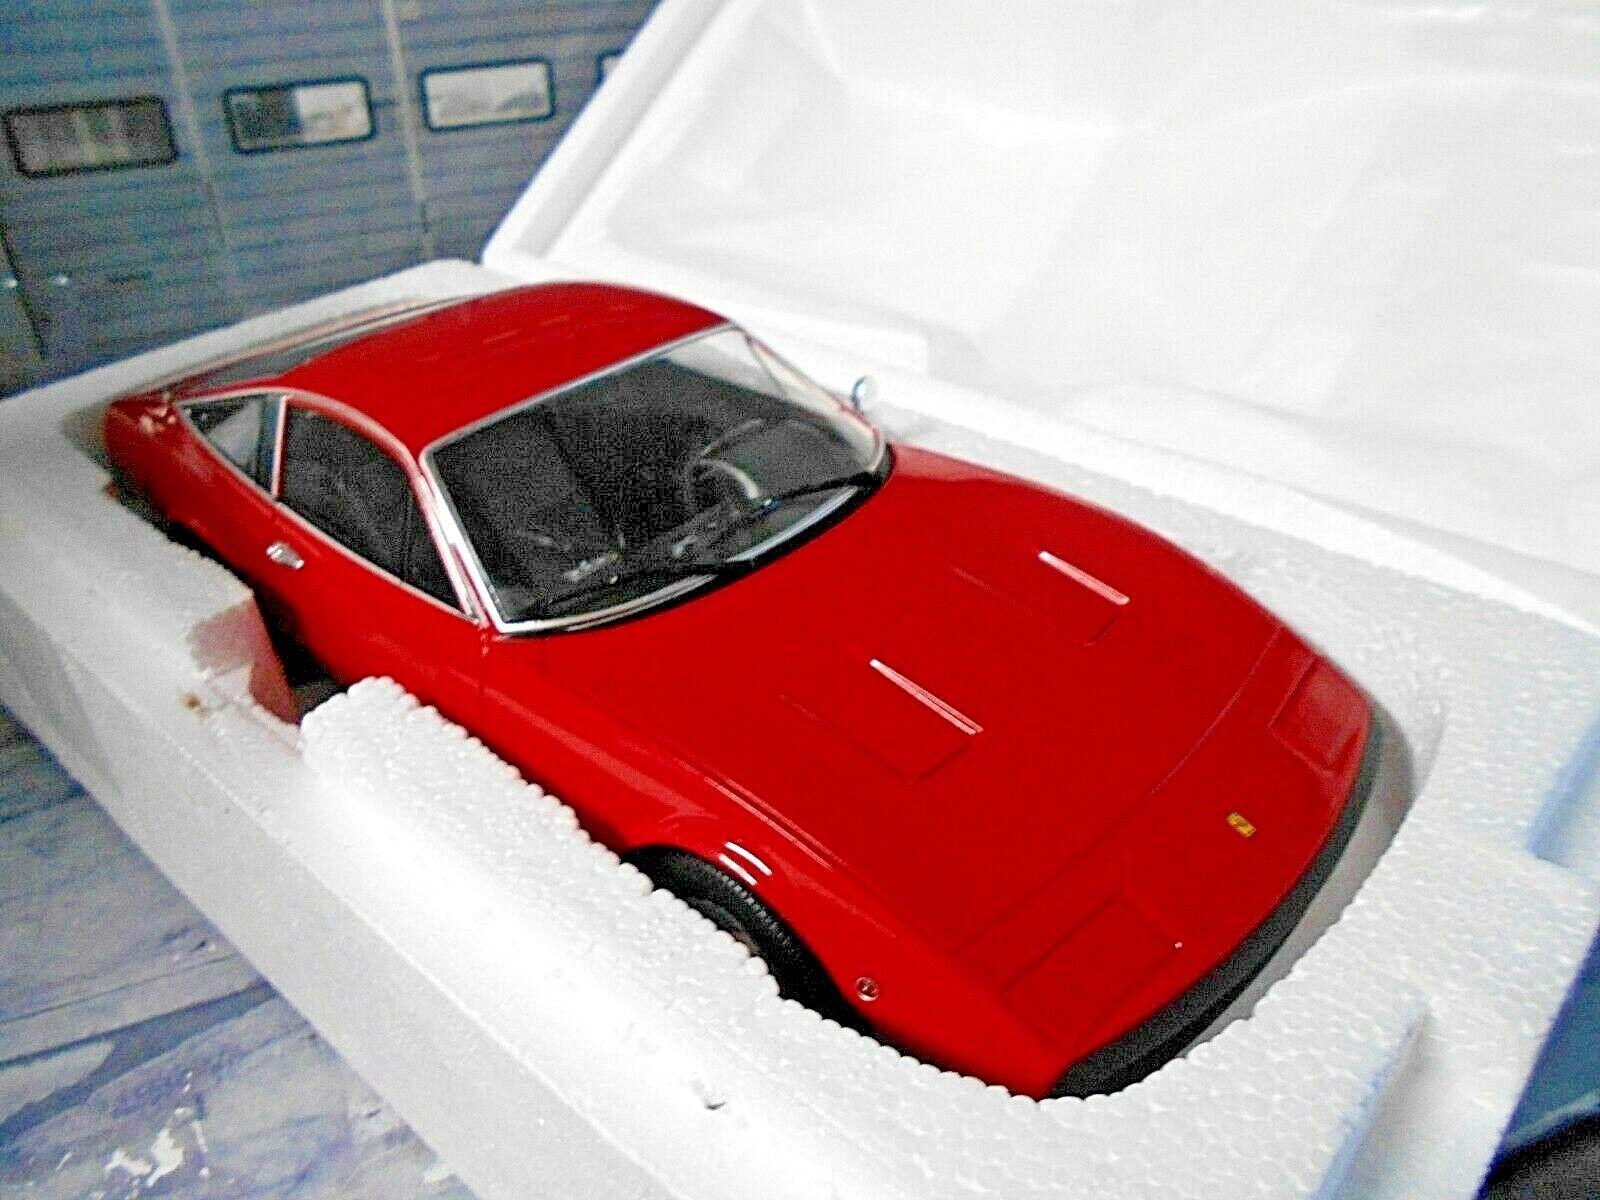 FERRARI 365 DAYTONA GTC 4 gtc4 COUPE 1971 ROSSO rosso METALLO NUOVO KK 1 1000 1 18